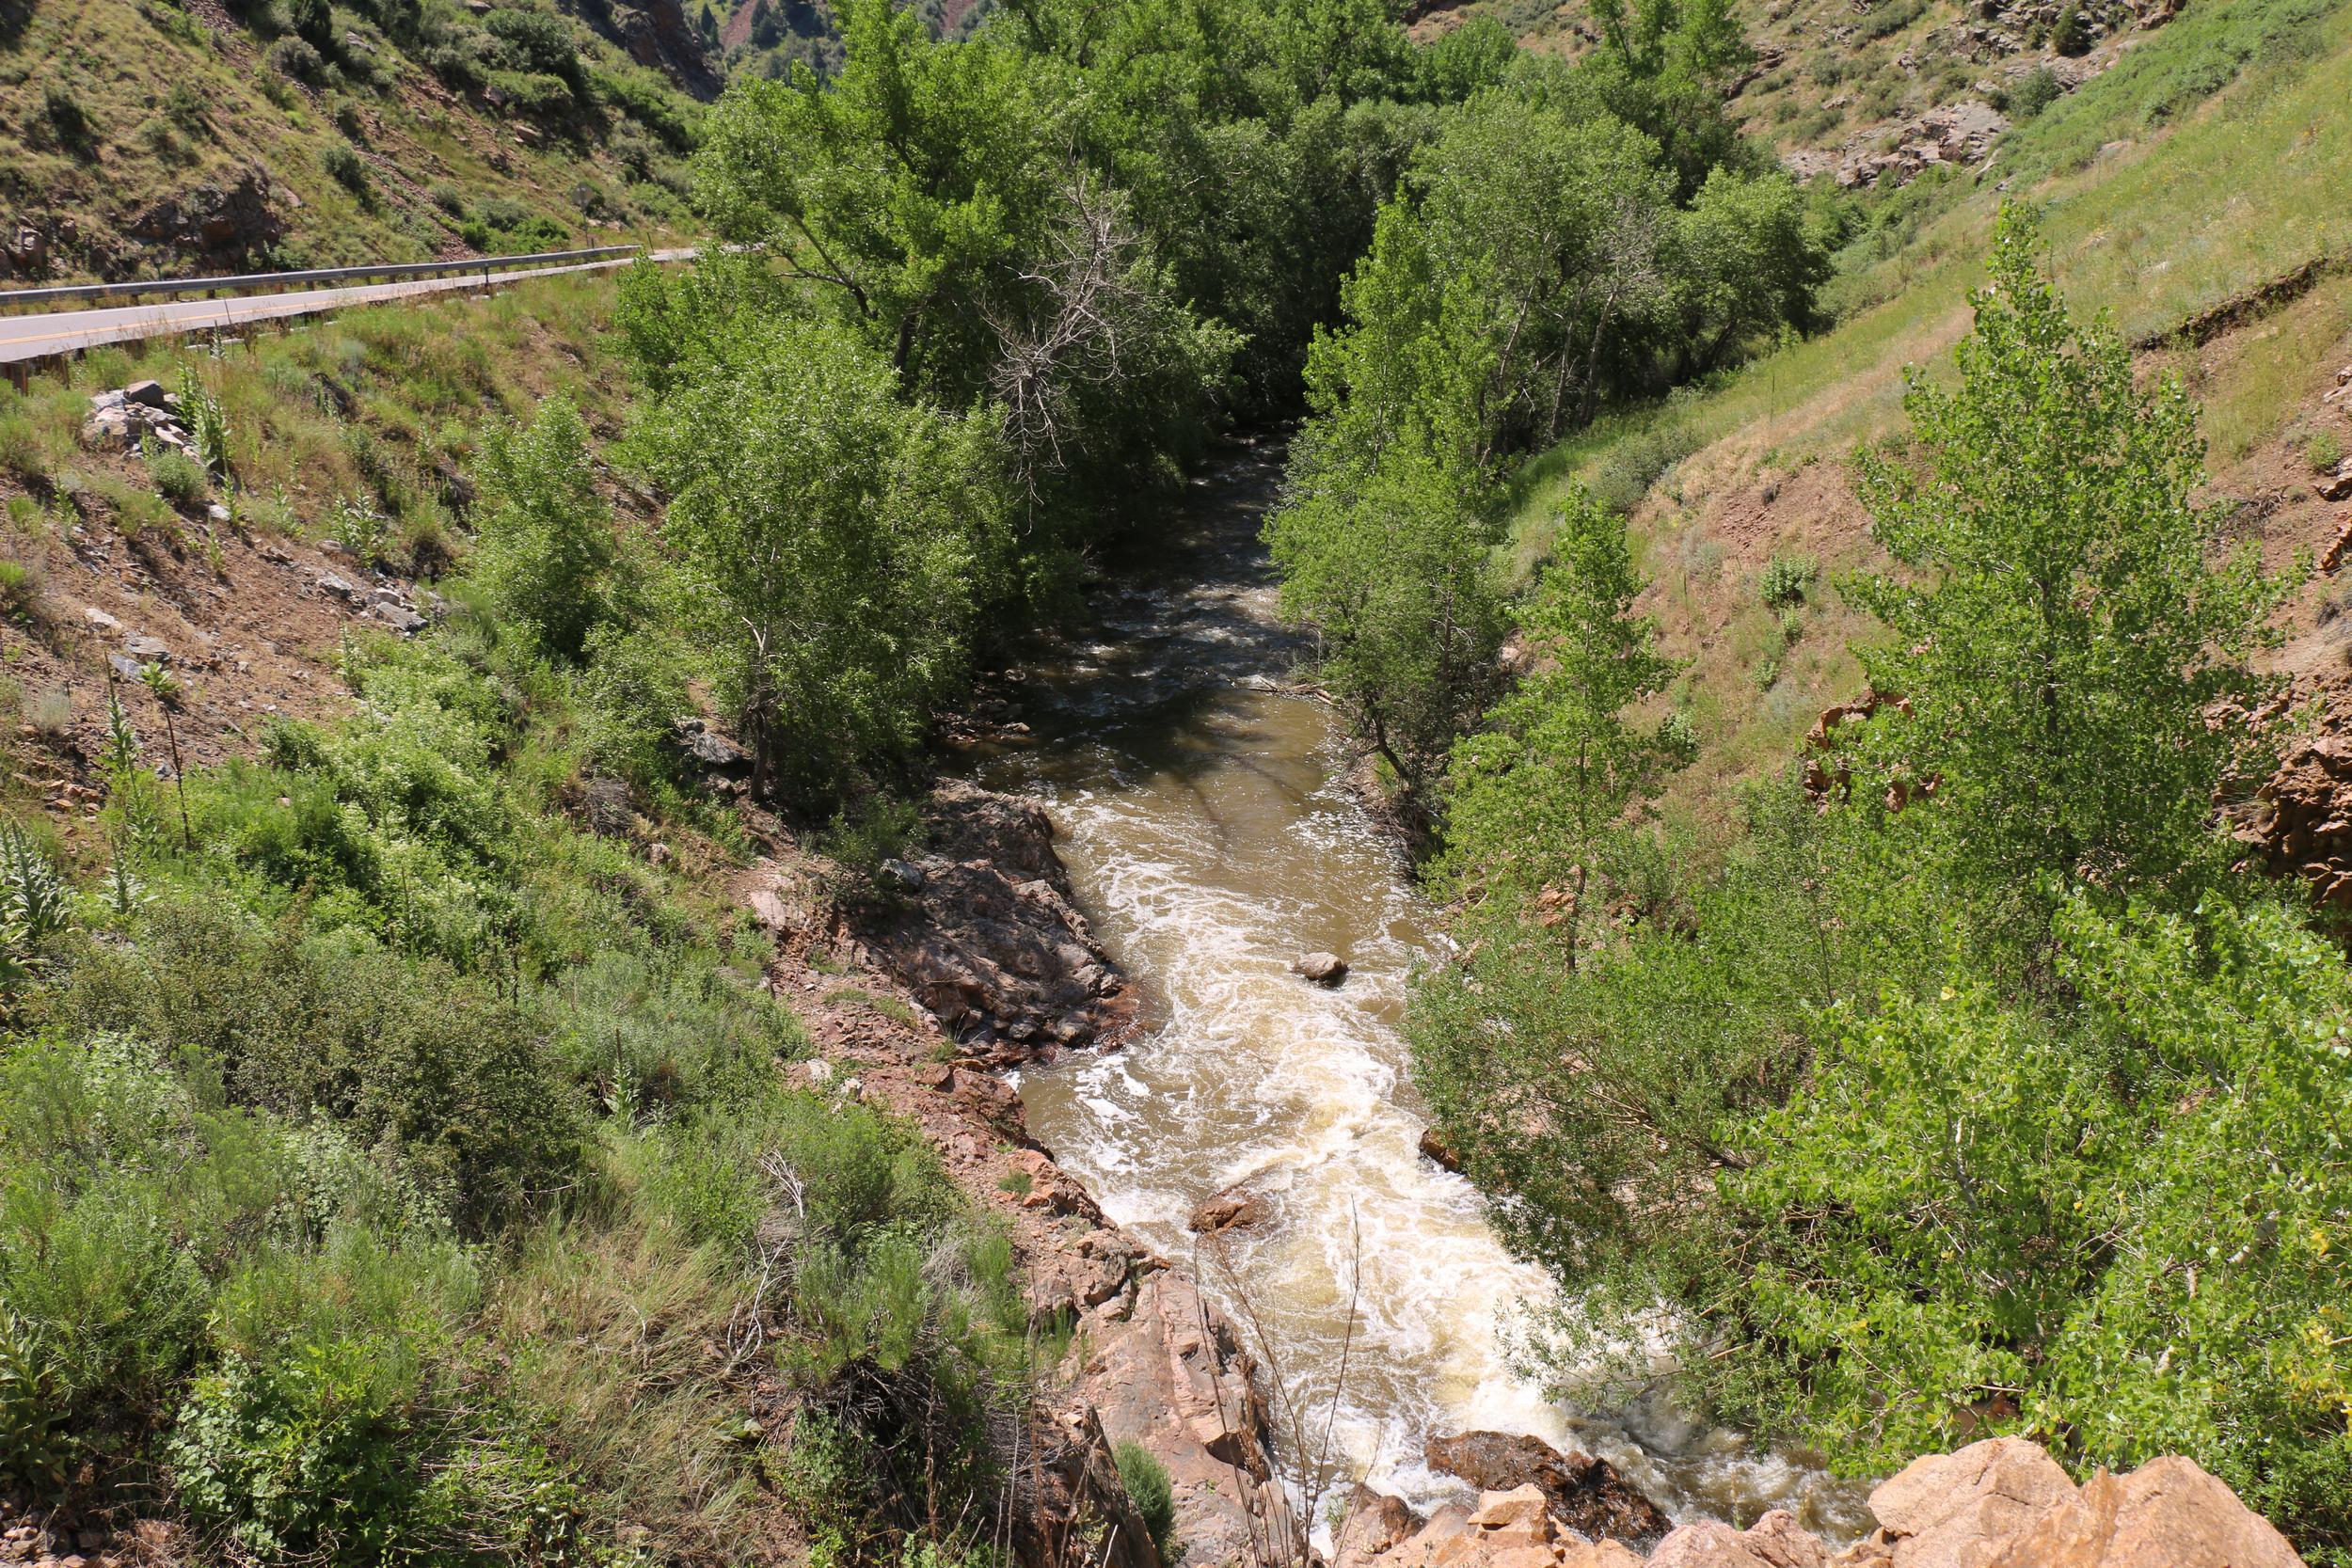 Bear Creek flowing along